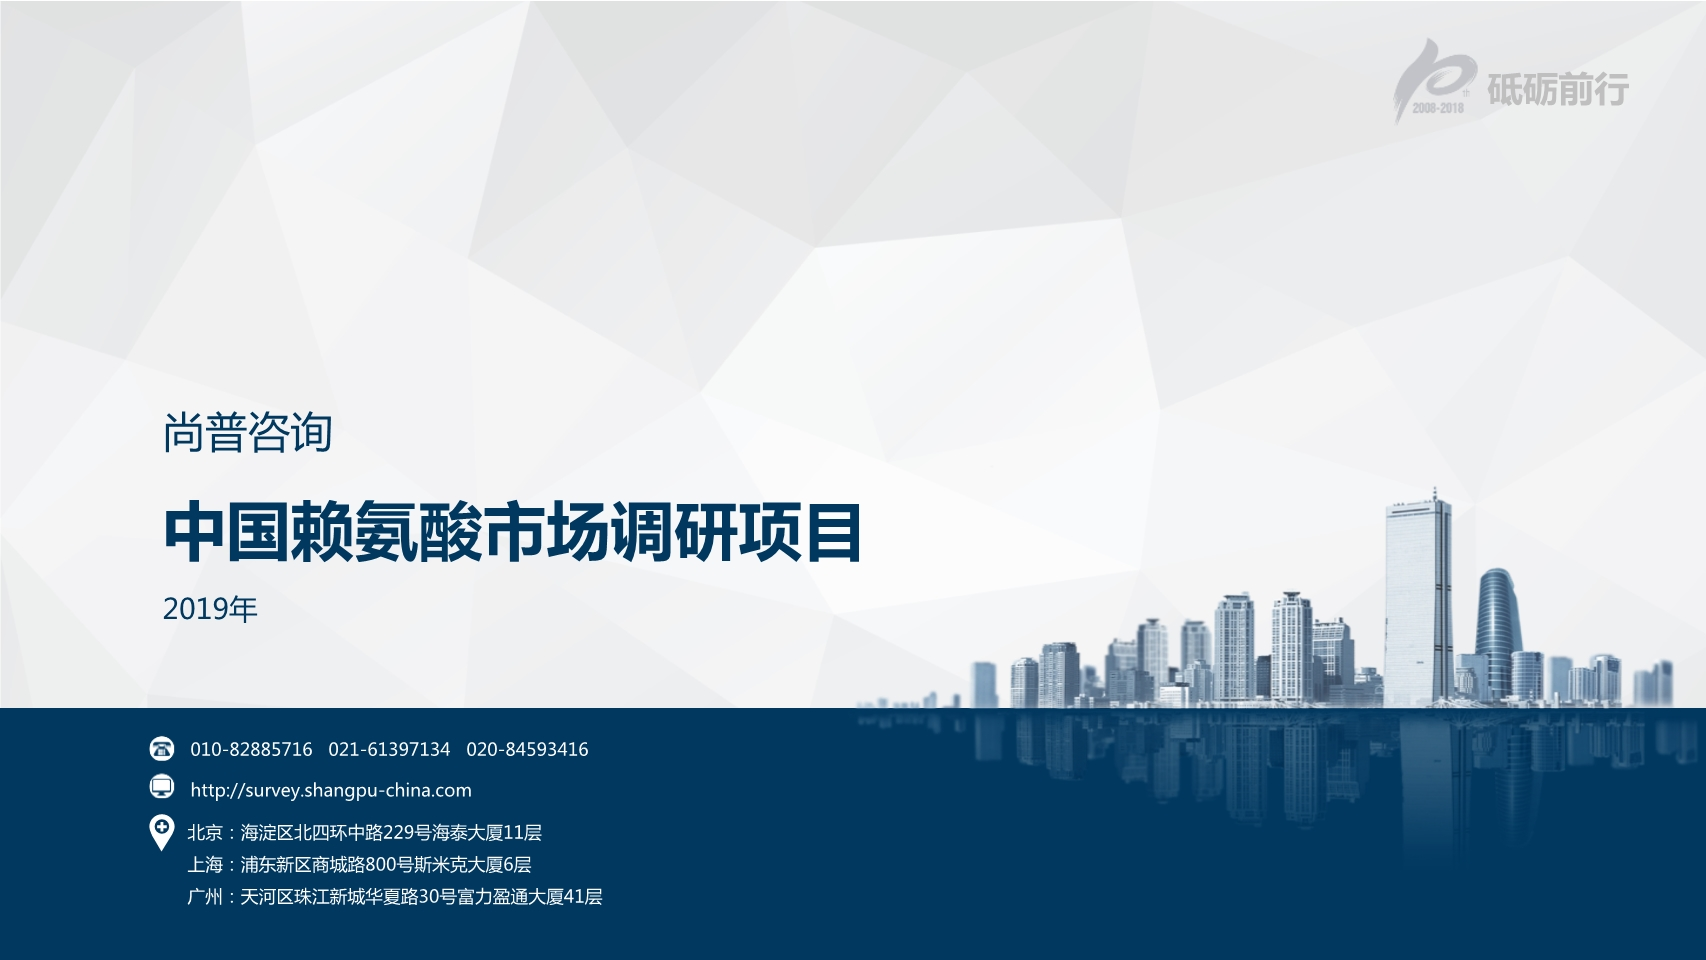 尚普咨询-中国赖氨酸市场调研项目